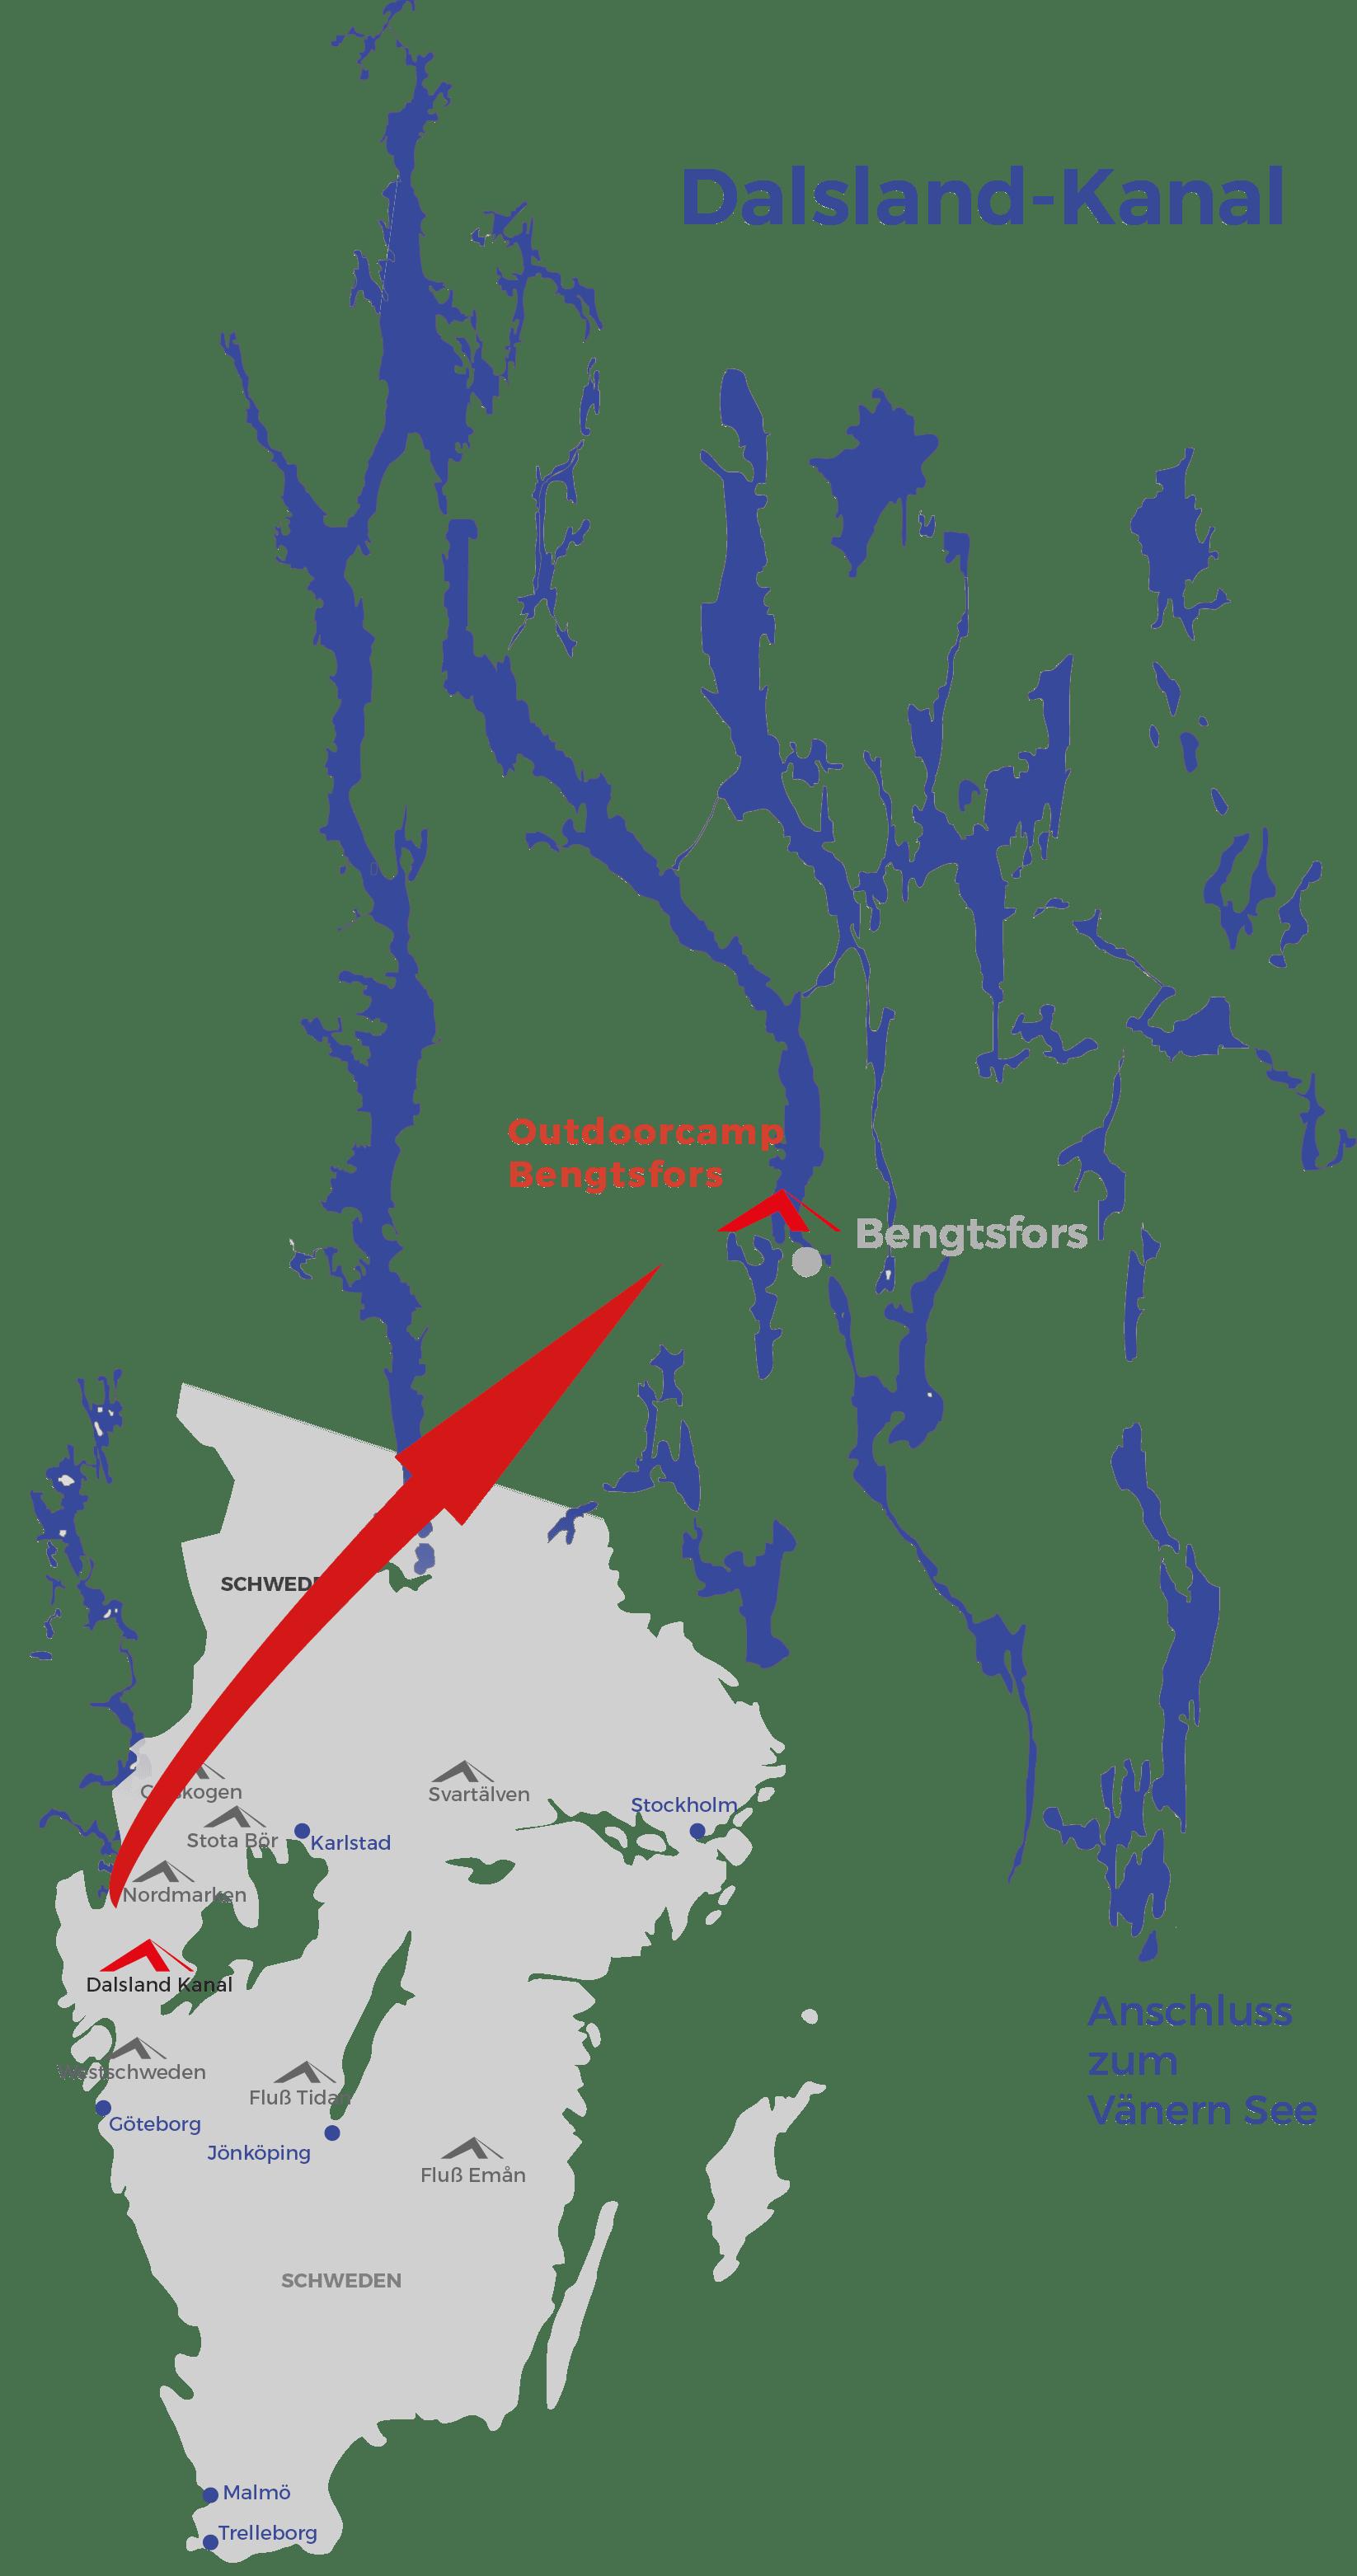 Karte Schweden Regionen.Kanutour Auf Eigene Faust Schweden Dalsland Kanal 2020